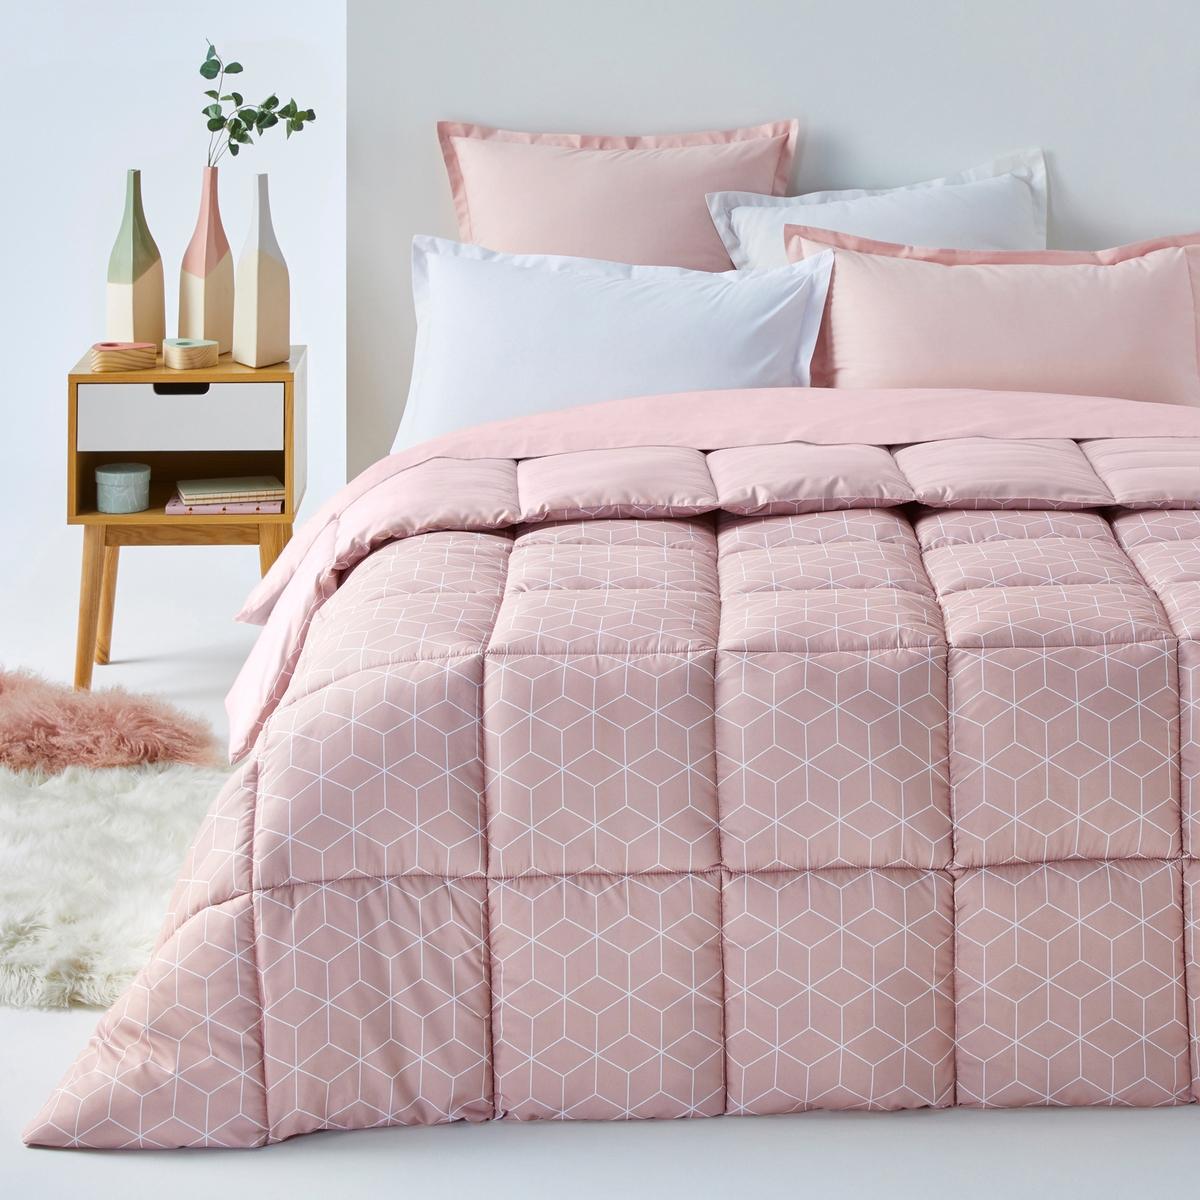 Одеяло La Redoute С рисунком Decio 140 x 200 см розовый